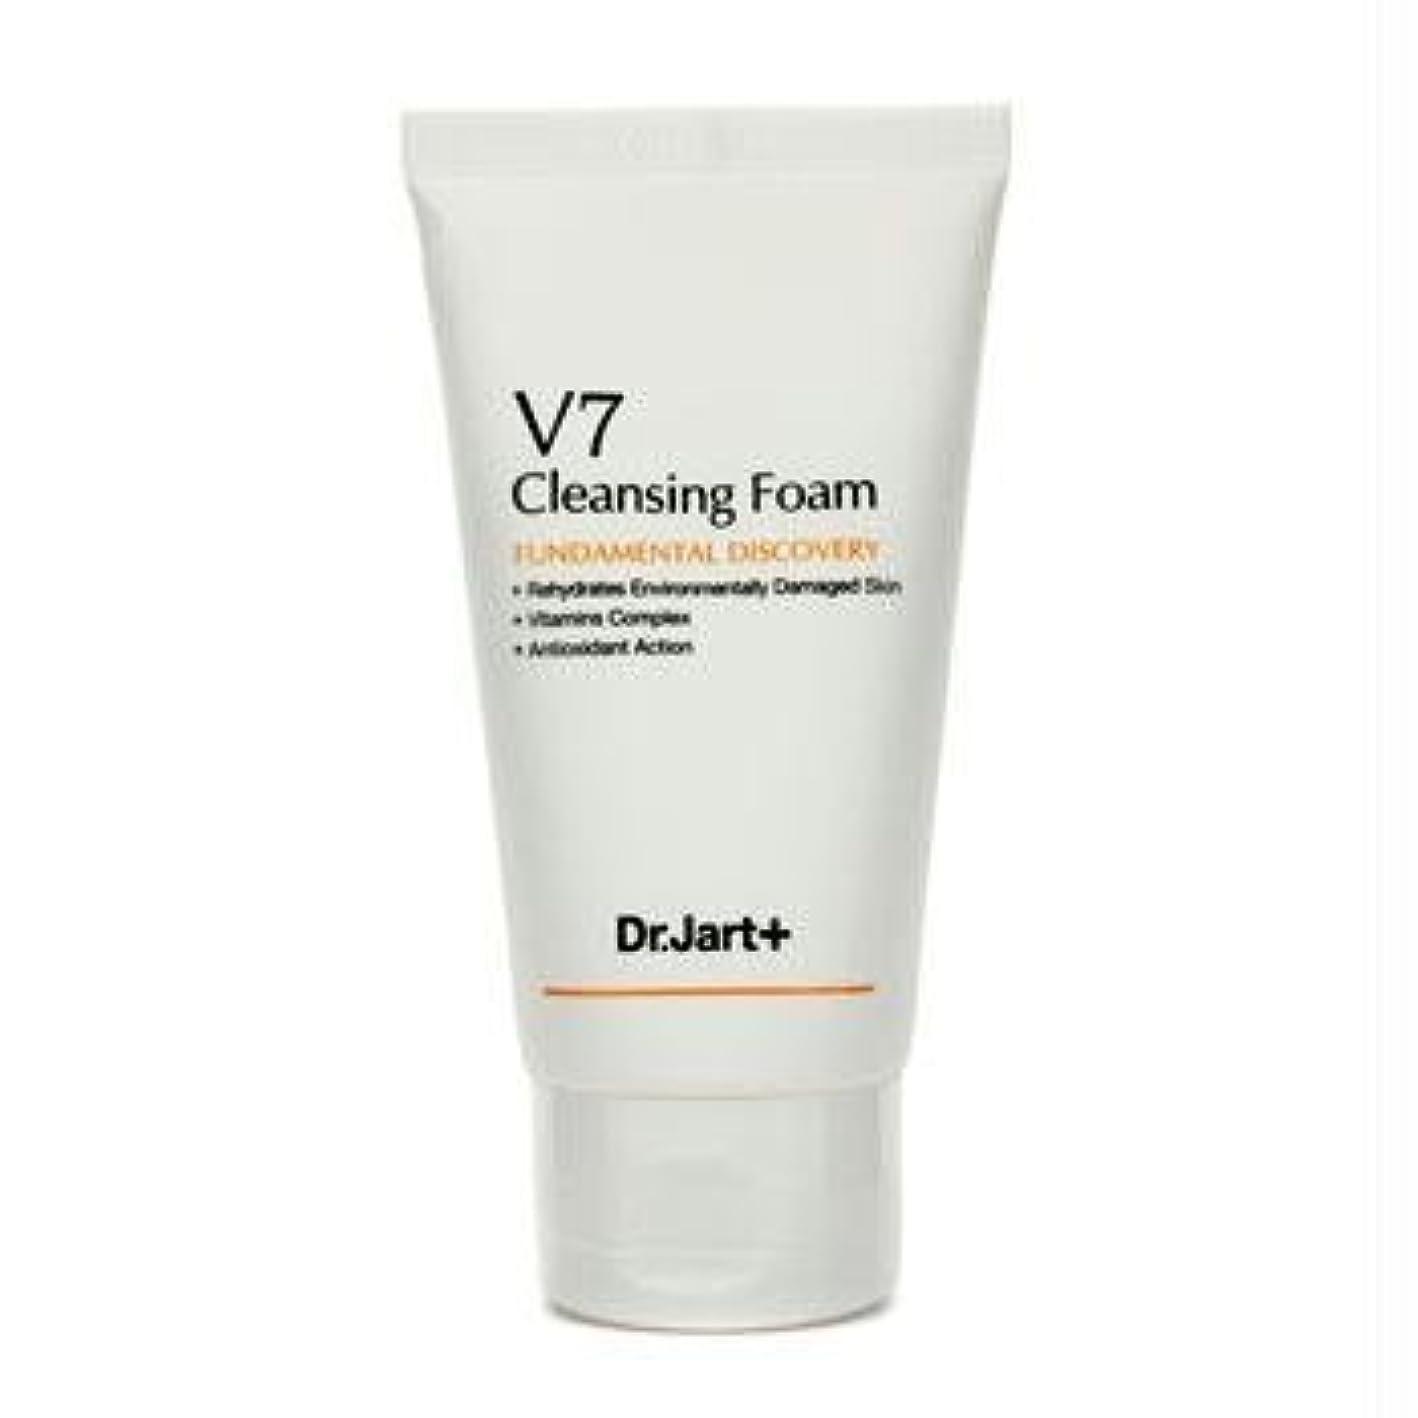 支援するアリーナ昆虫Dr. Jart+ - V7 Cleansing Foam - 100ml/3.5oz by Dr. Jart+ [並行輸入品]